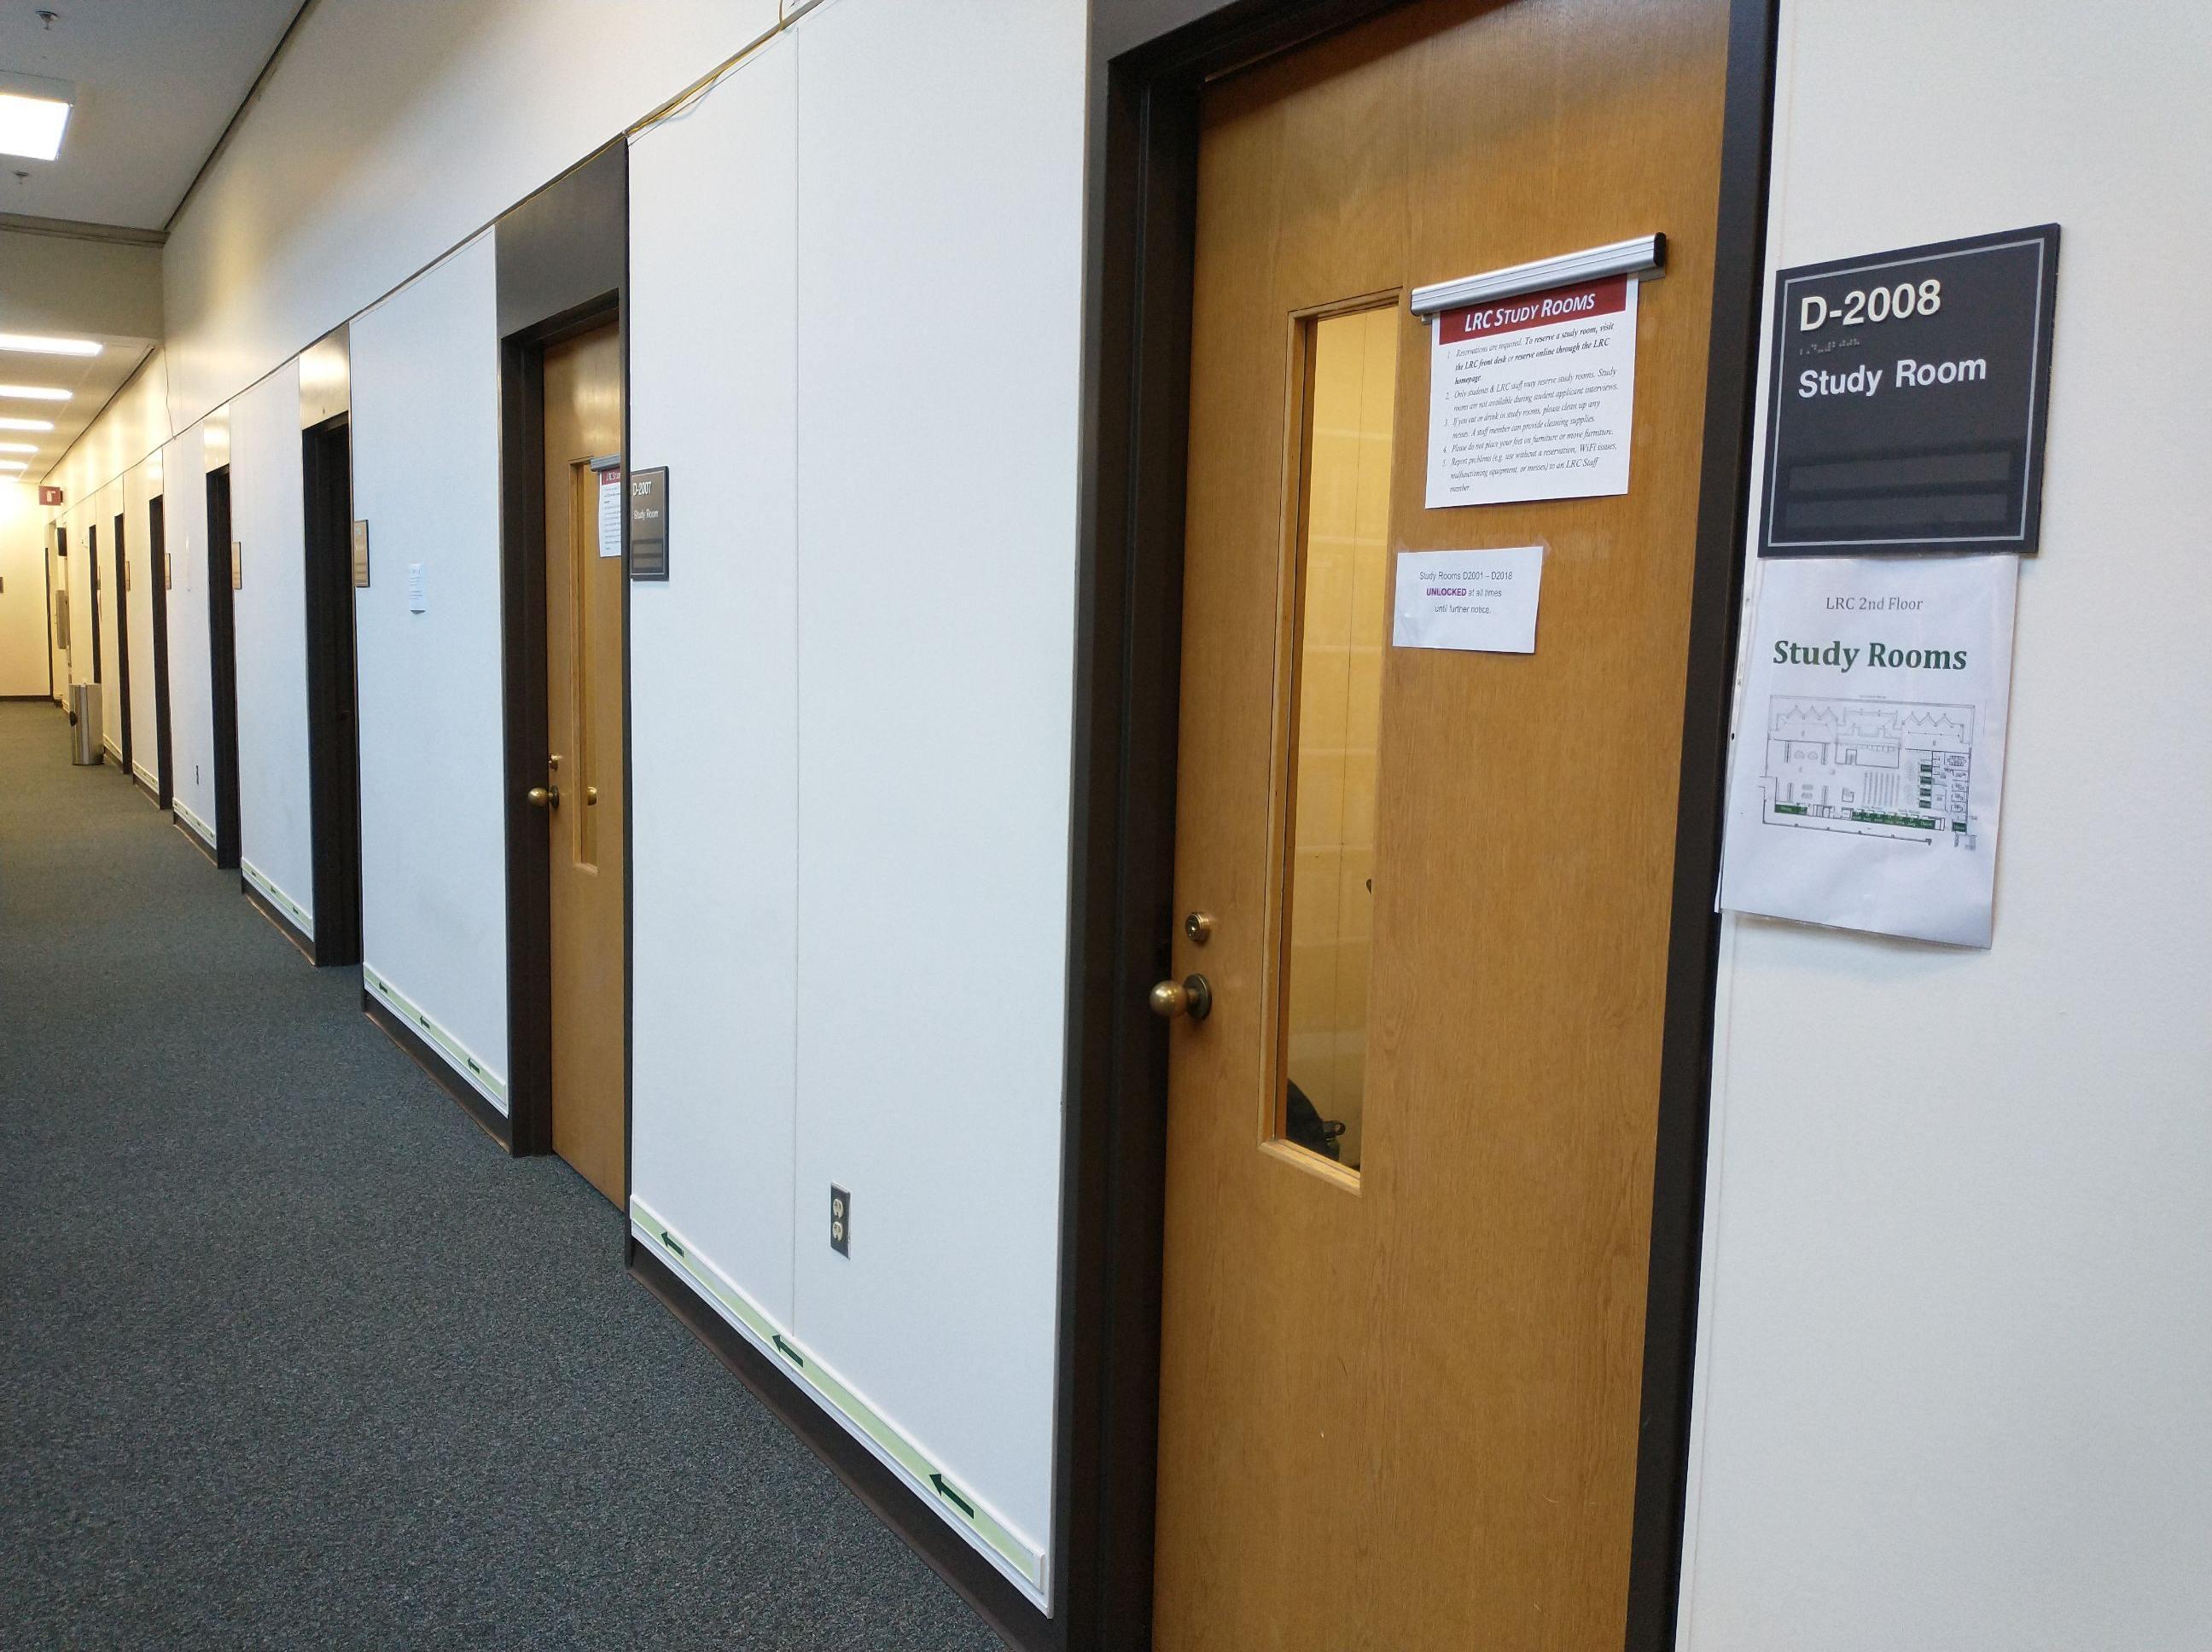 The door of a second floor study room.